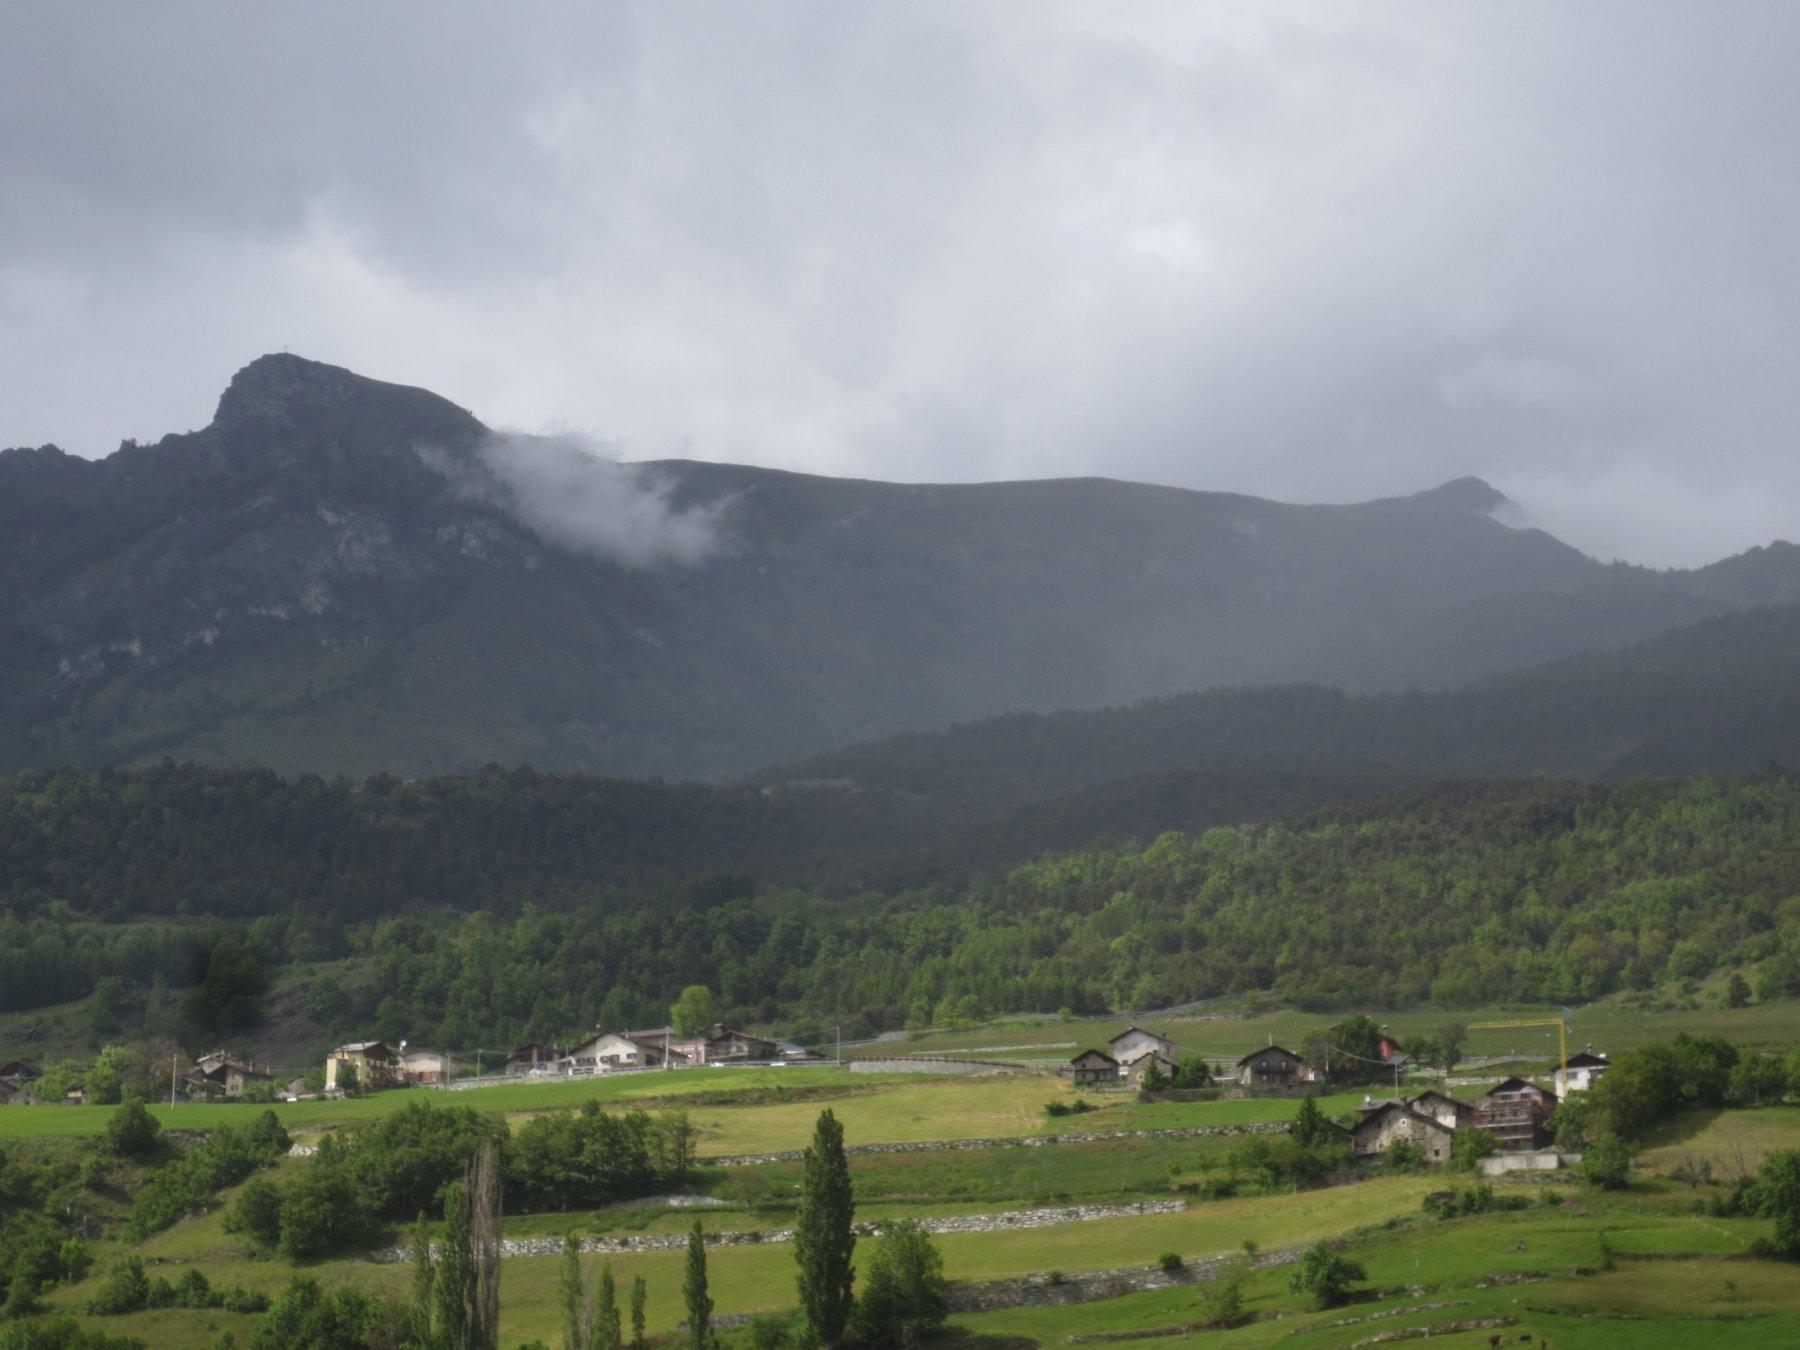 Sullo sfondo la becca d'Aver (a destra) e la cima Longhede (a sinistra) unite da una lunga cresta erbosa